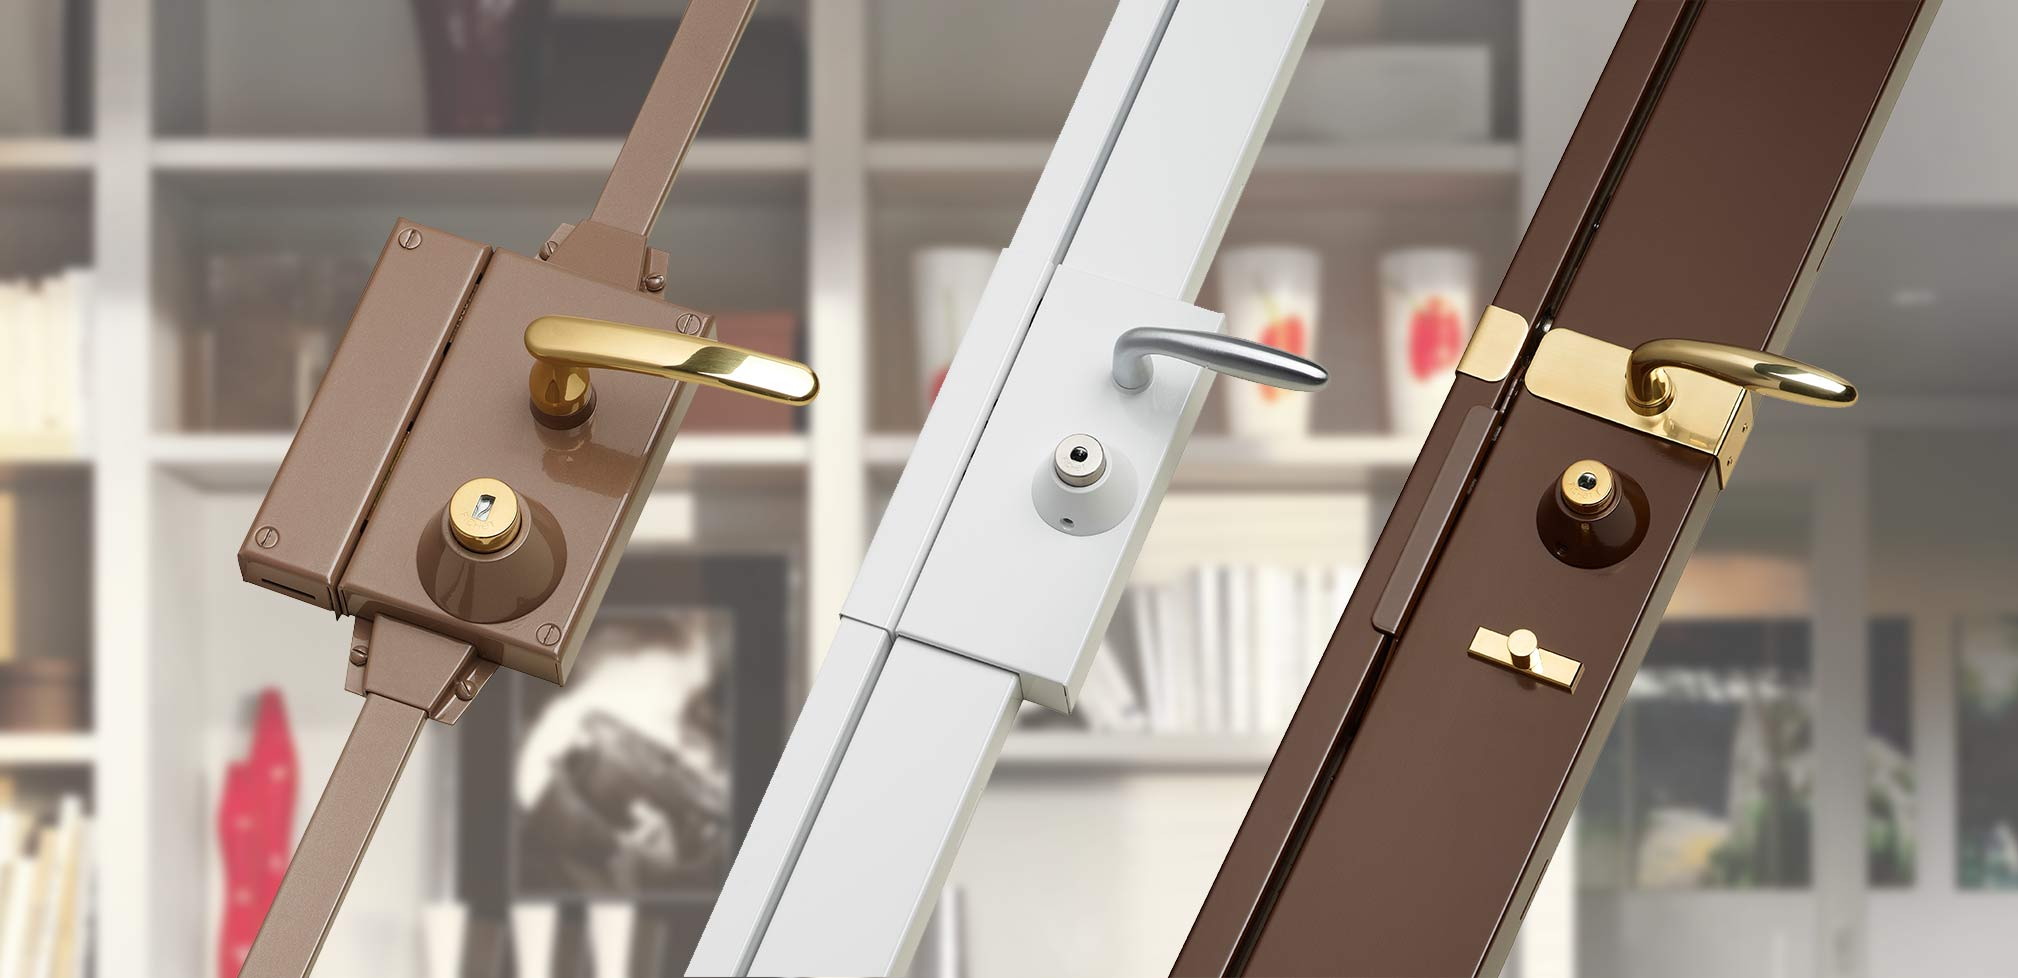 serrure de s curit fichet paris home garde protection point fort fichet paris. Black Bedroom Furniture Sets. Home Design Ideas